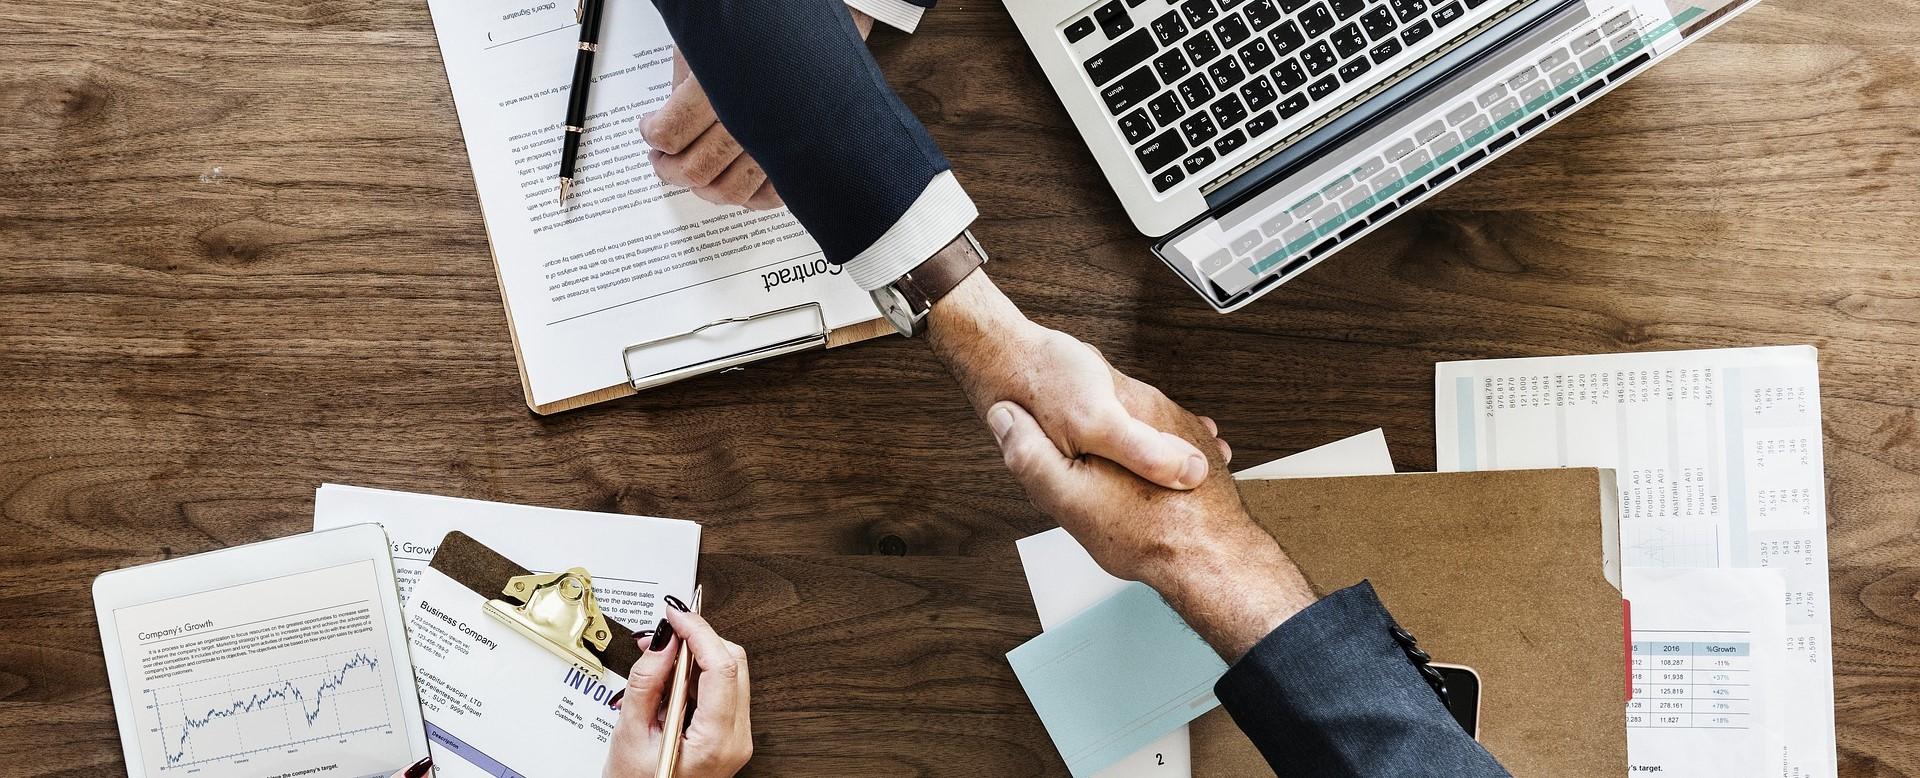 Tipos de servicios auxiliares para empresas que es mejor subcontratar